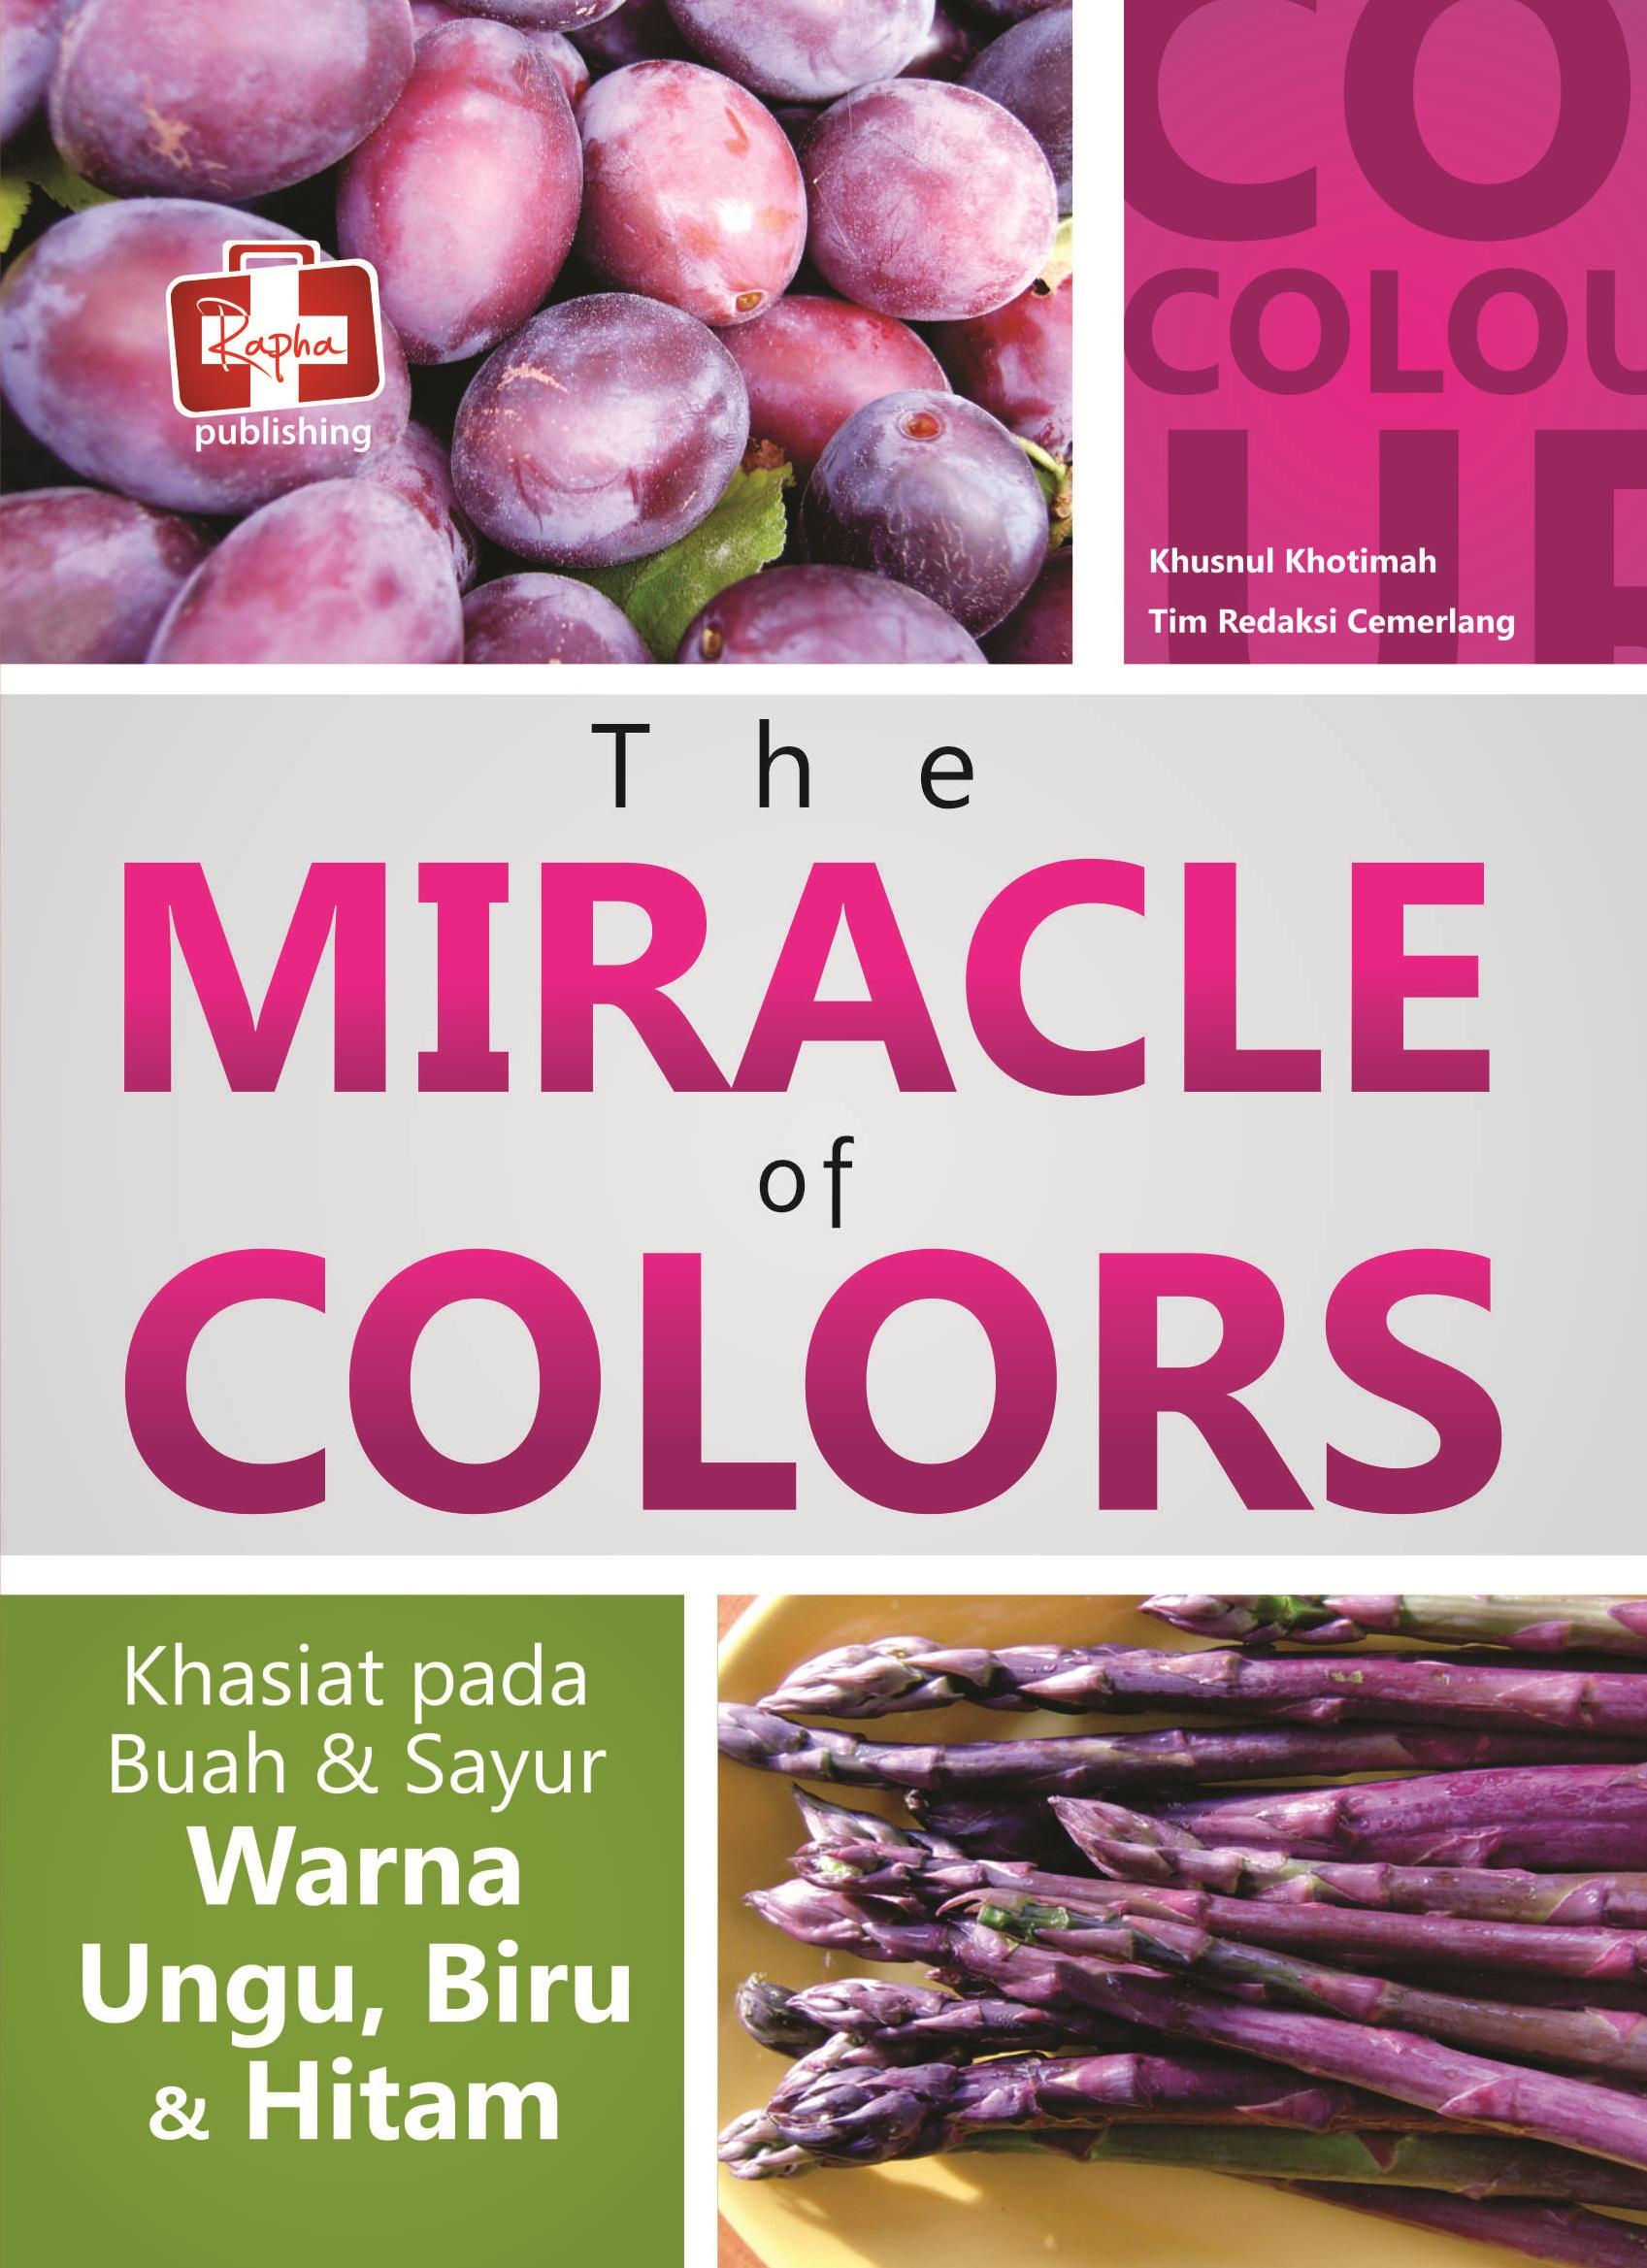 The miracle of color, khasiat pada buah dan sayur warna ungu, biru dan hitam  [sumber elektronis]